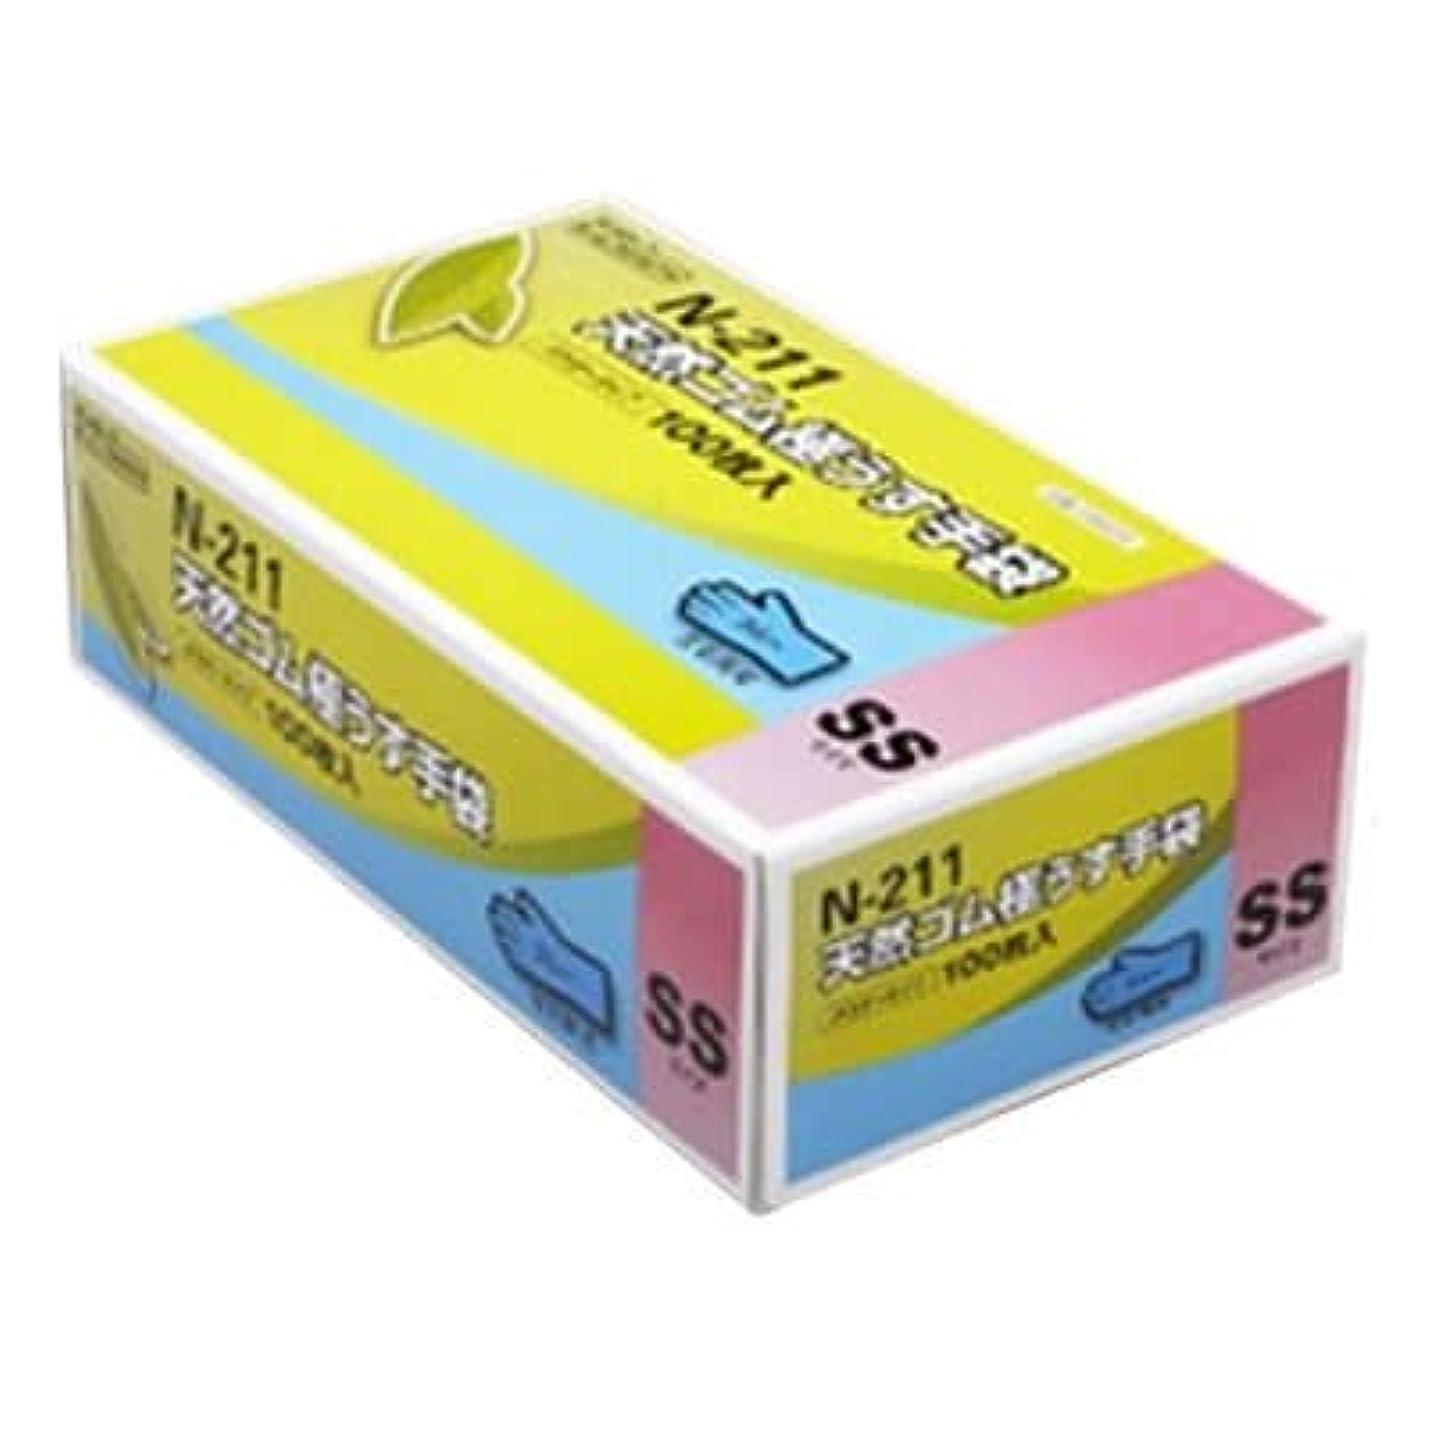 メッシュタフ高度な【ケース販売】 ダンロップ 天然ゴム極うす手袋 N-211 SS ブルー (100枚入×20箱)